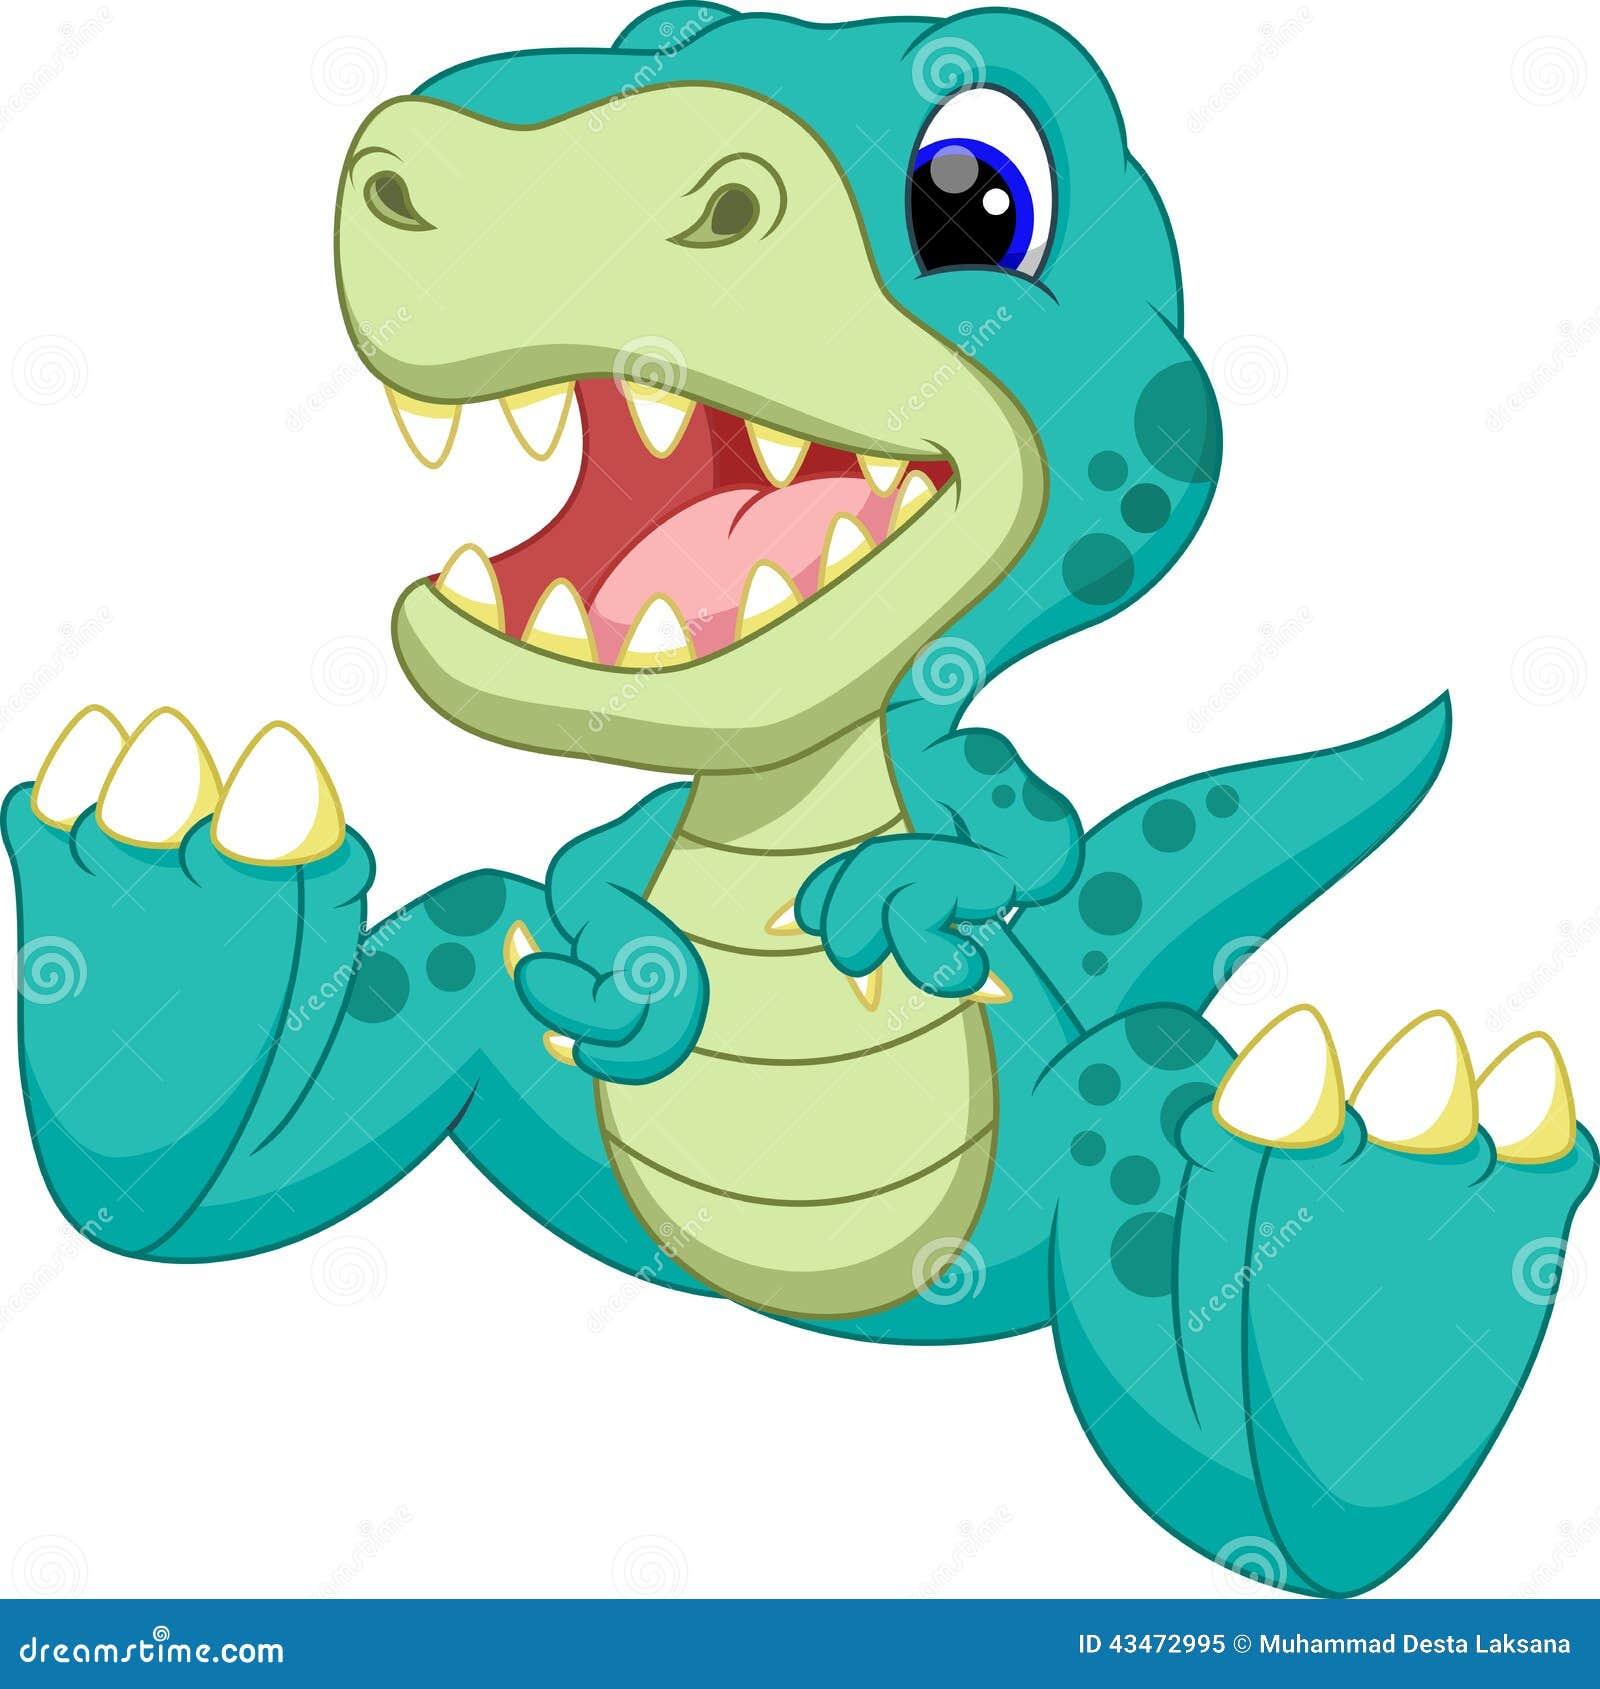 dinosaur teeth clipart - photo #35